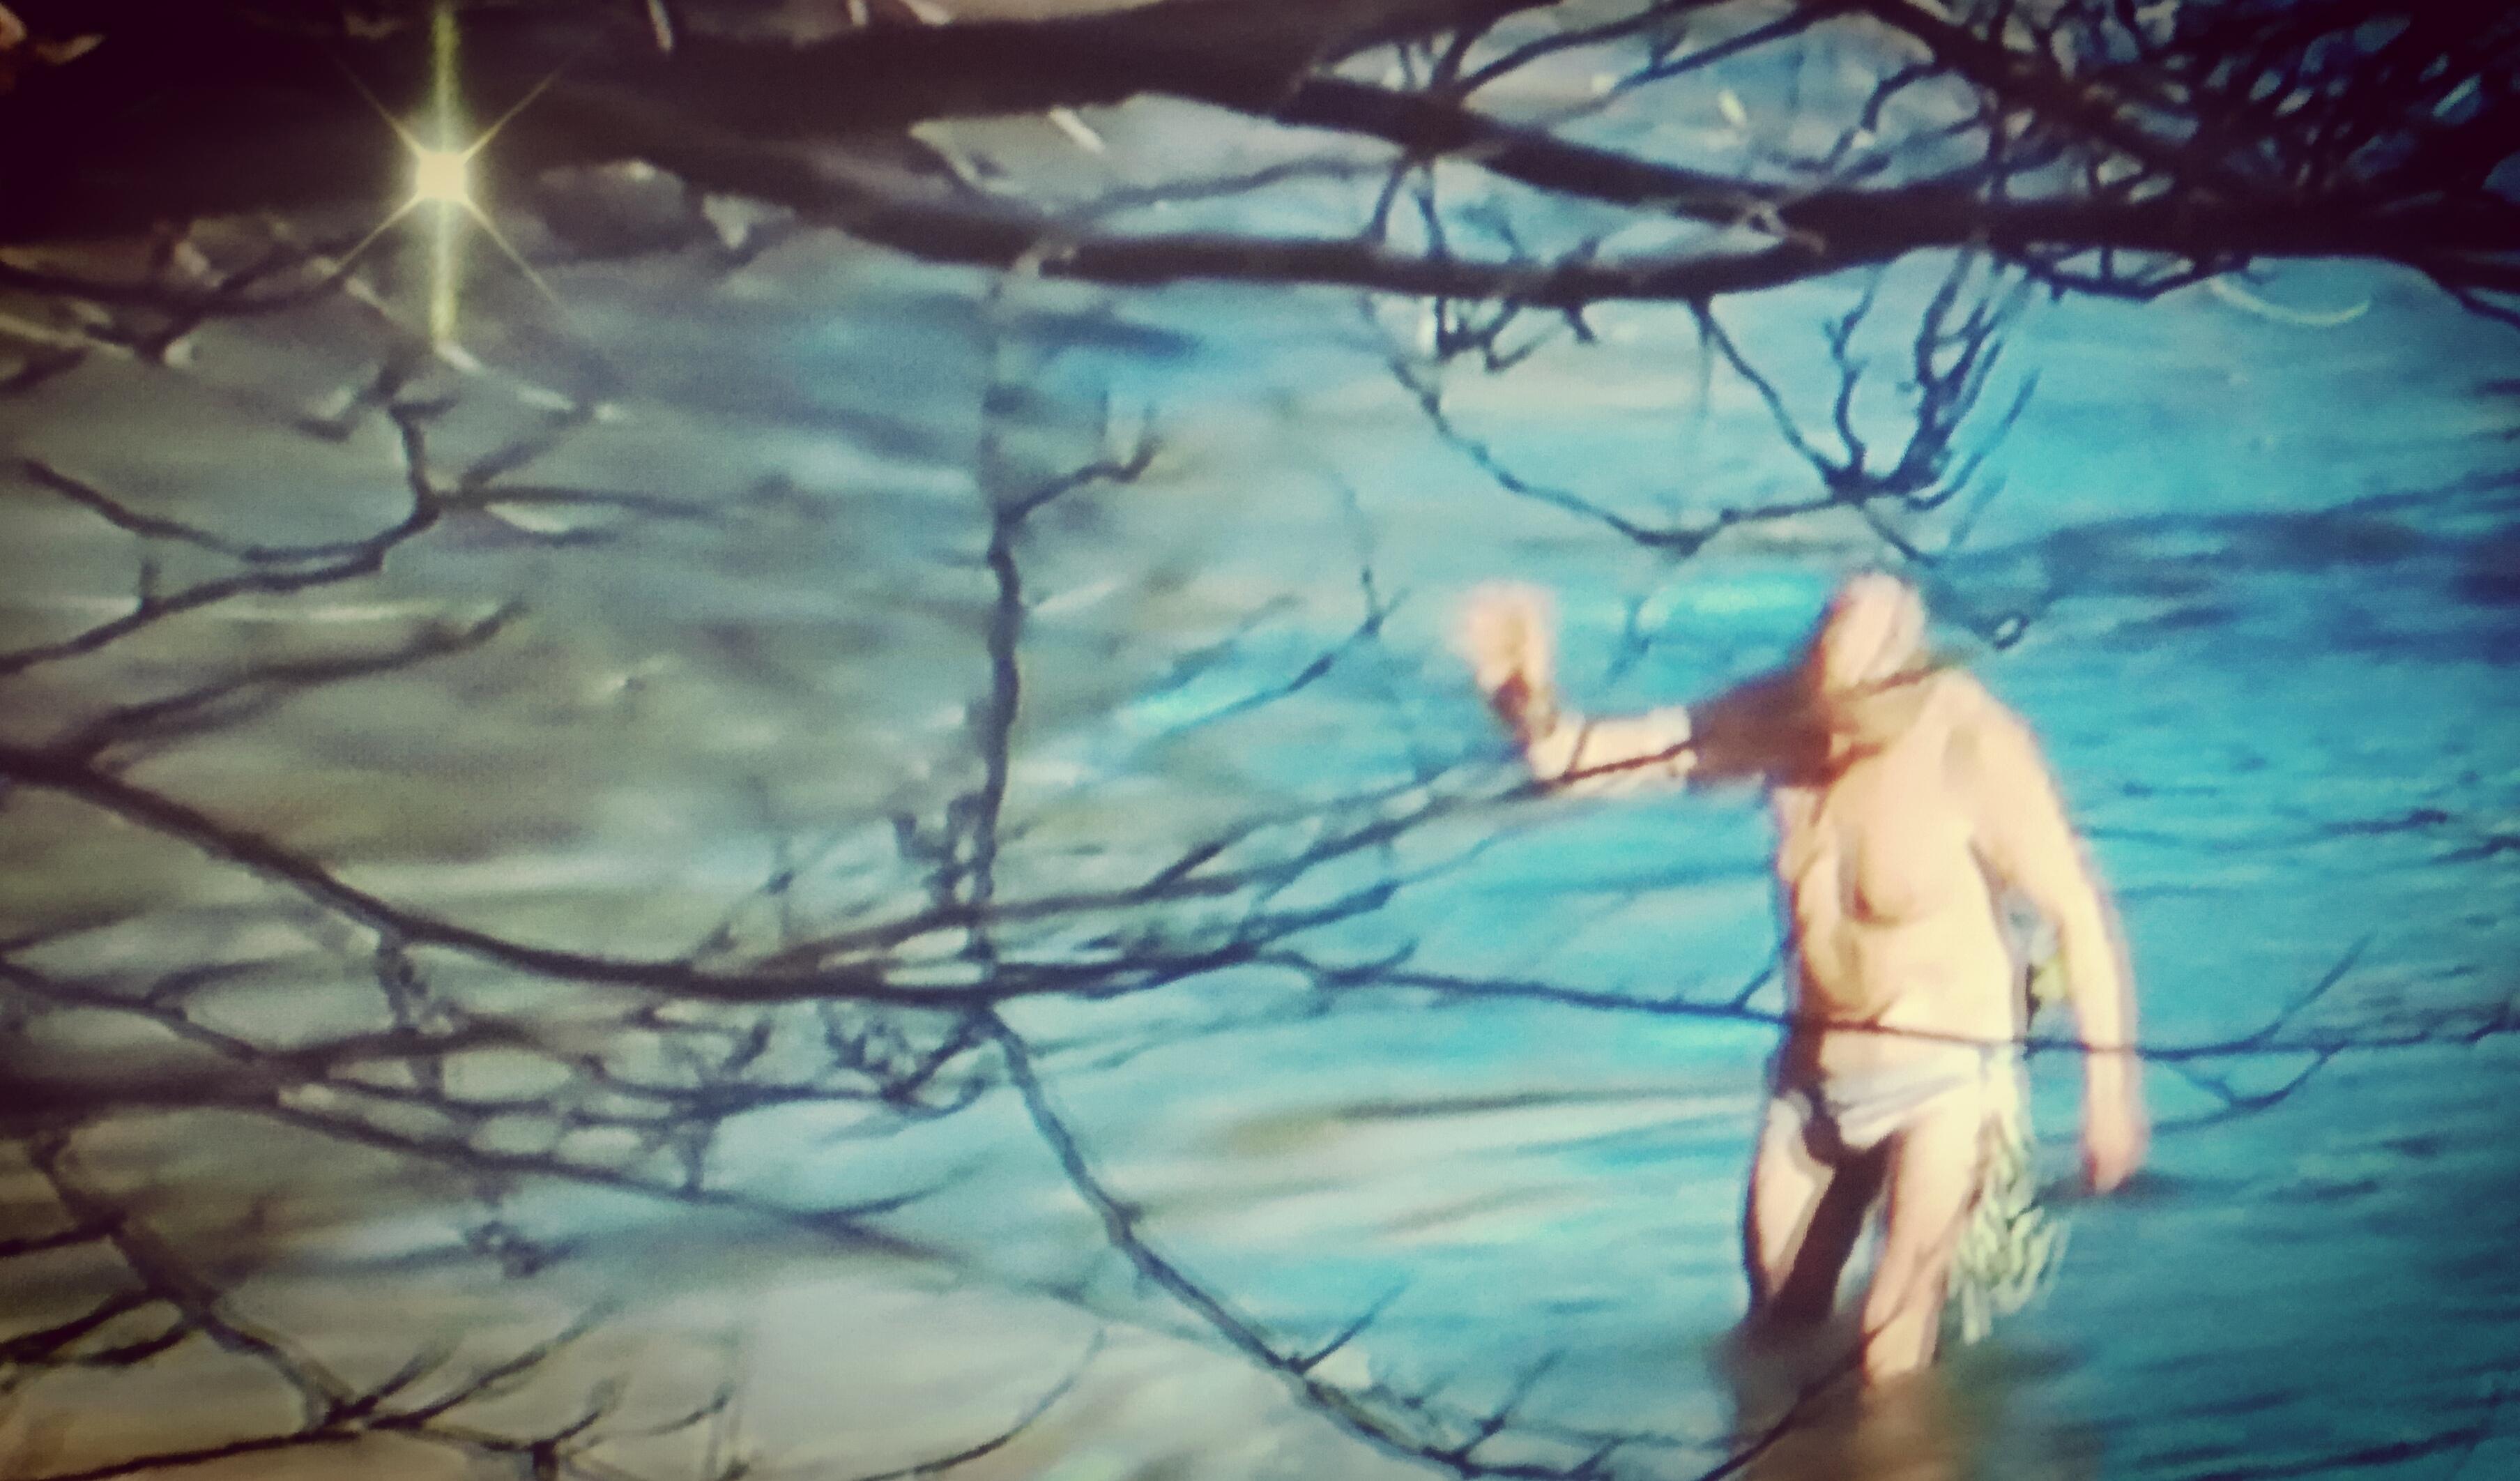 41anni di Gaetano Di Carlo e fiume Volturno. Il tuffo nelle acque gelide si è ripetuto anche ad inizio 2019